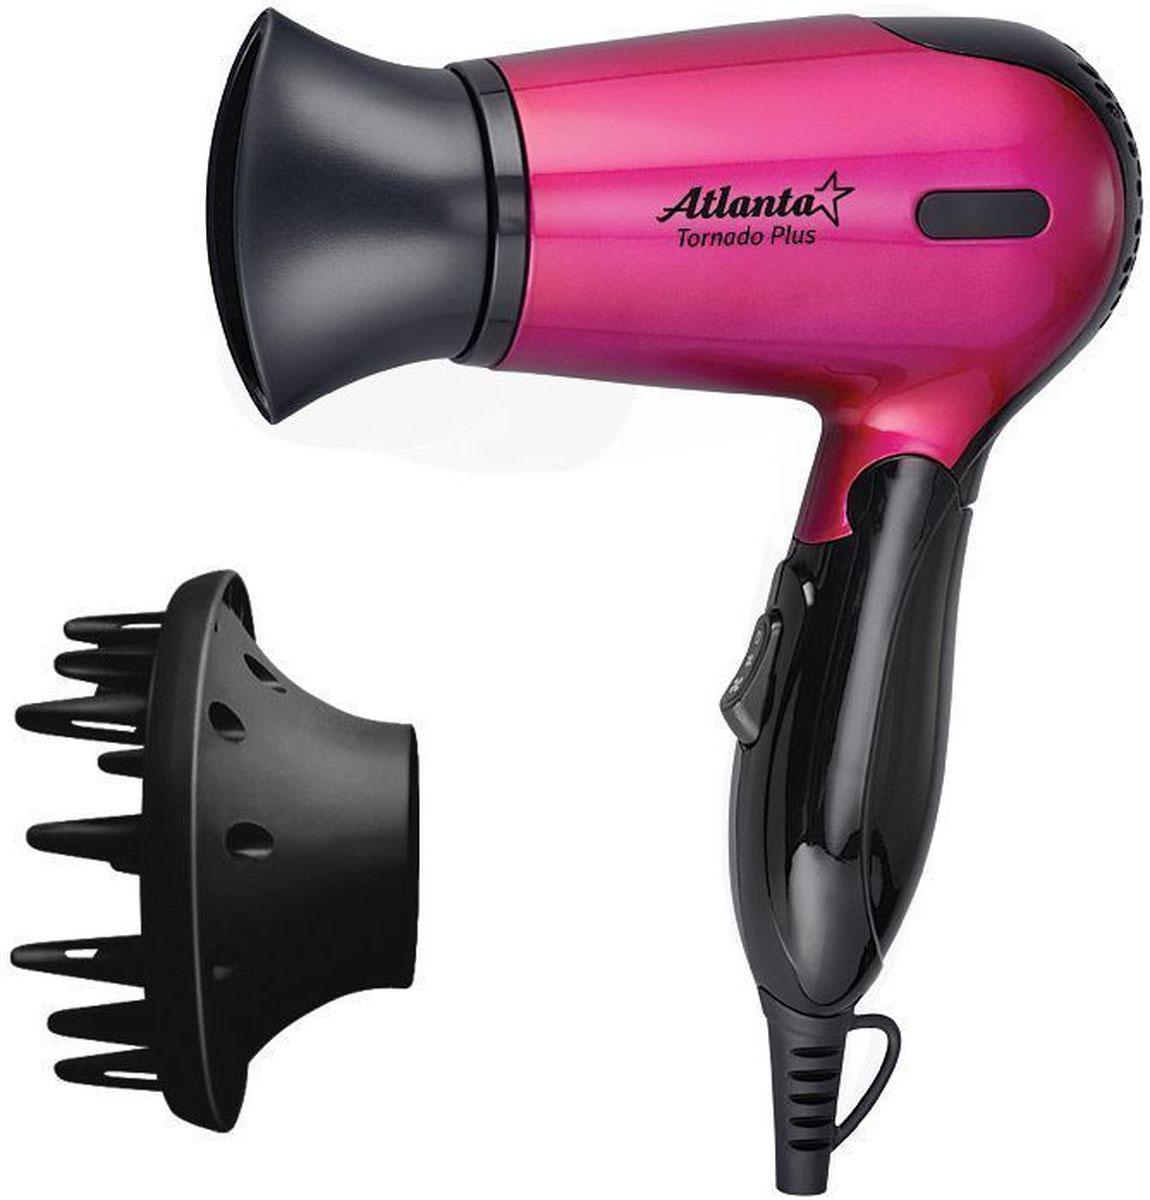 Atlanta ATH-882N, Pink фен77.858@25930Фен Atlanta ATH-882N обеспечивает мощный воздушный поток и быструю сушку волос. Сбалансированная система контроля температуры и силы воздушного потока устанавливает оптимальный режим сушки на уровне 57°С и исключает потерю протеина волос вследствие перегрева. Фен оснащен специальным механизмом отключения в случае перегрева и дополнительным плавким предохранителем на случай ошибки системы.Нихромовый нагревательный элемент выполнен в виде конуса для равномерного нагрева по всему потоку воздуха с использованием формы спирали зиг-заг, позволяющей улучшить показатель равномерности теплоотдачи данного нагревательного элемента.Прочная, удобная ручка легко складывается. Фен занимает мало места при хранении, а также очень удобен дороге.